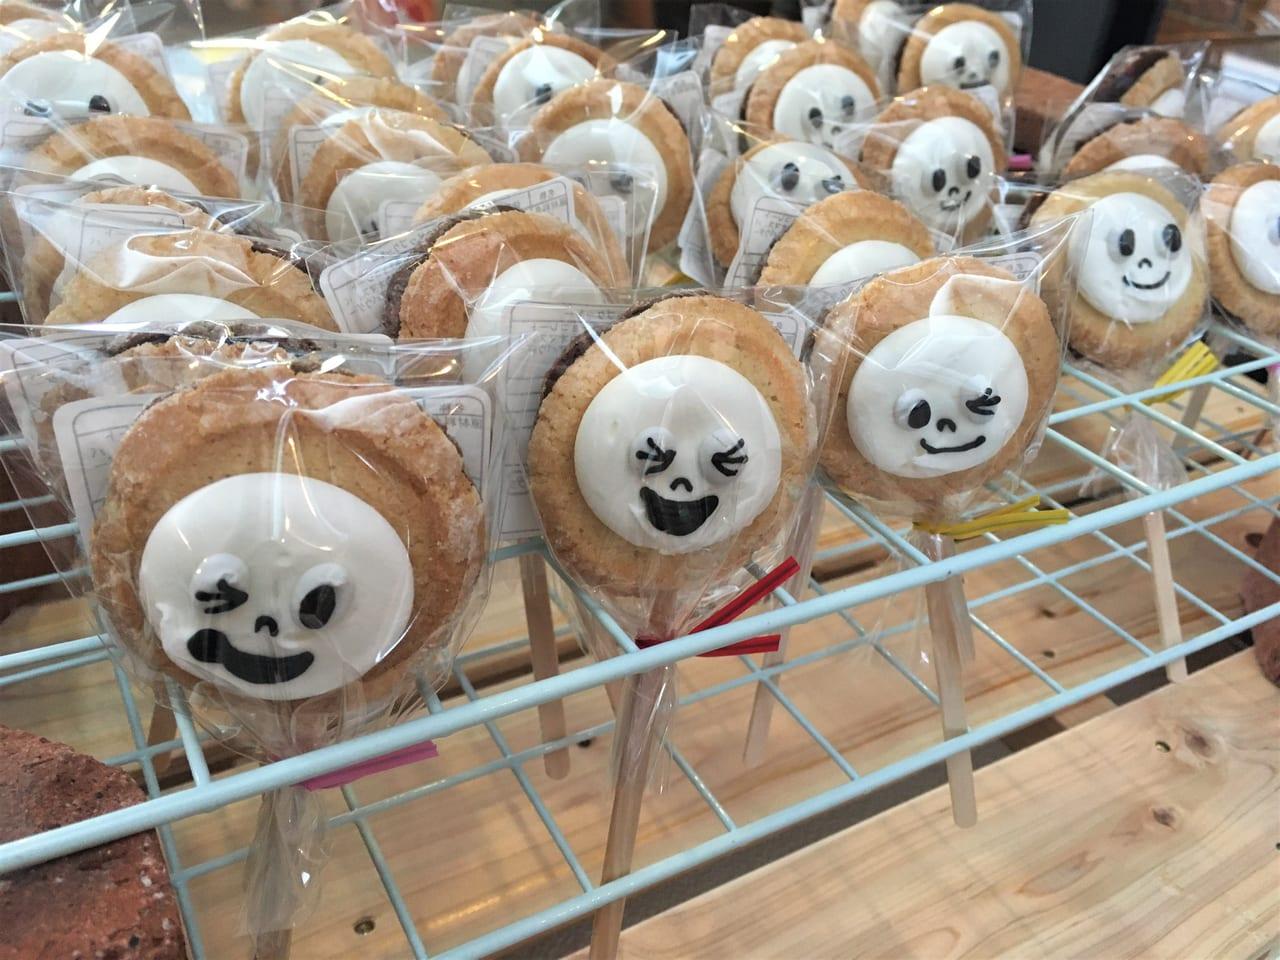 さっぽろからやってきた!「ぼくおばけのマール」絵本原画展で販売されていたクッキー